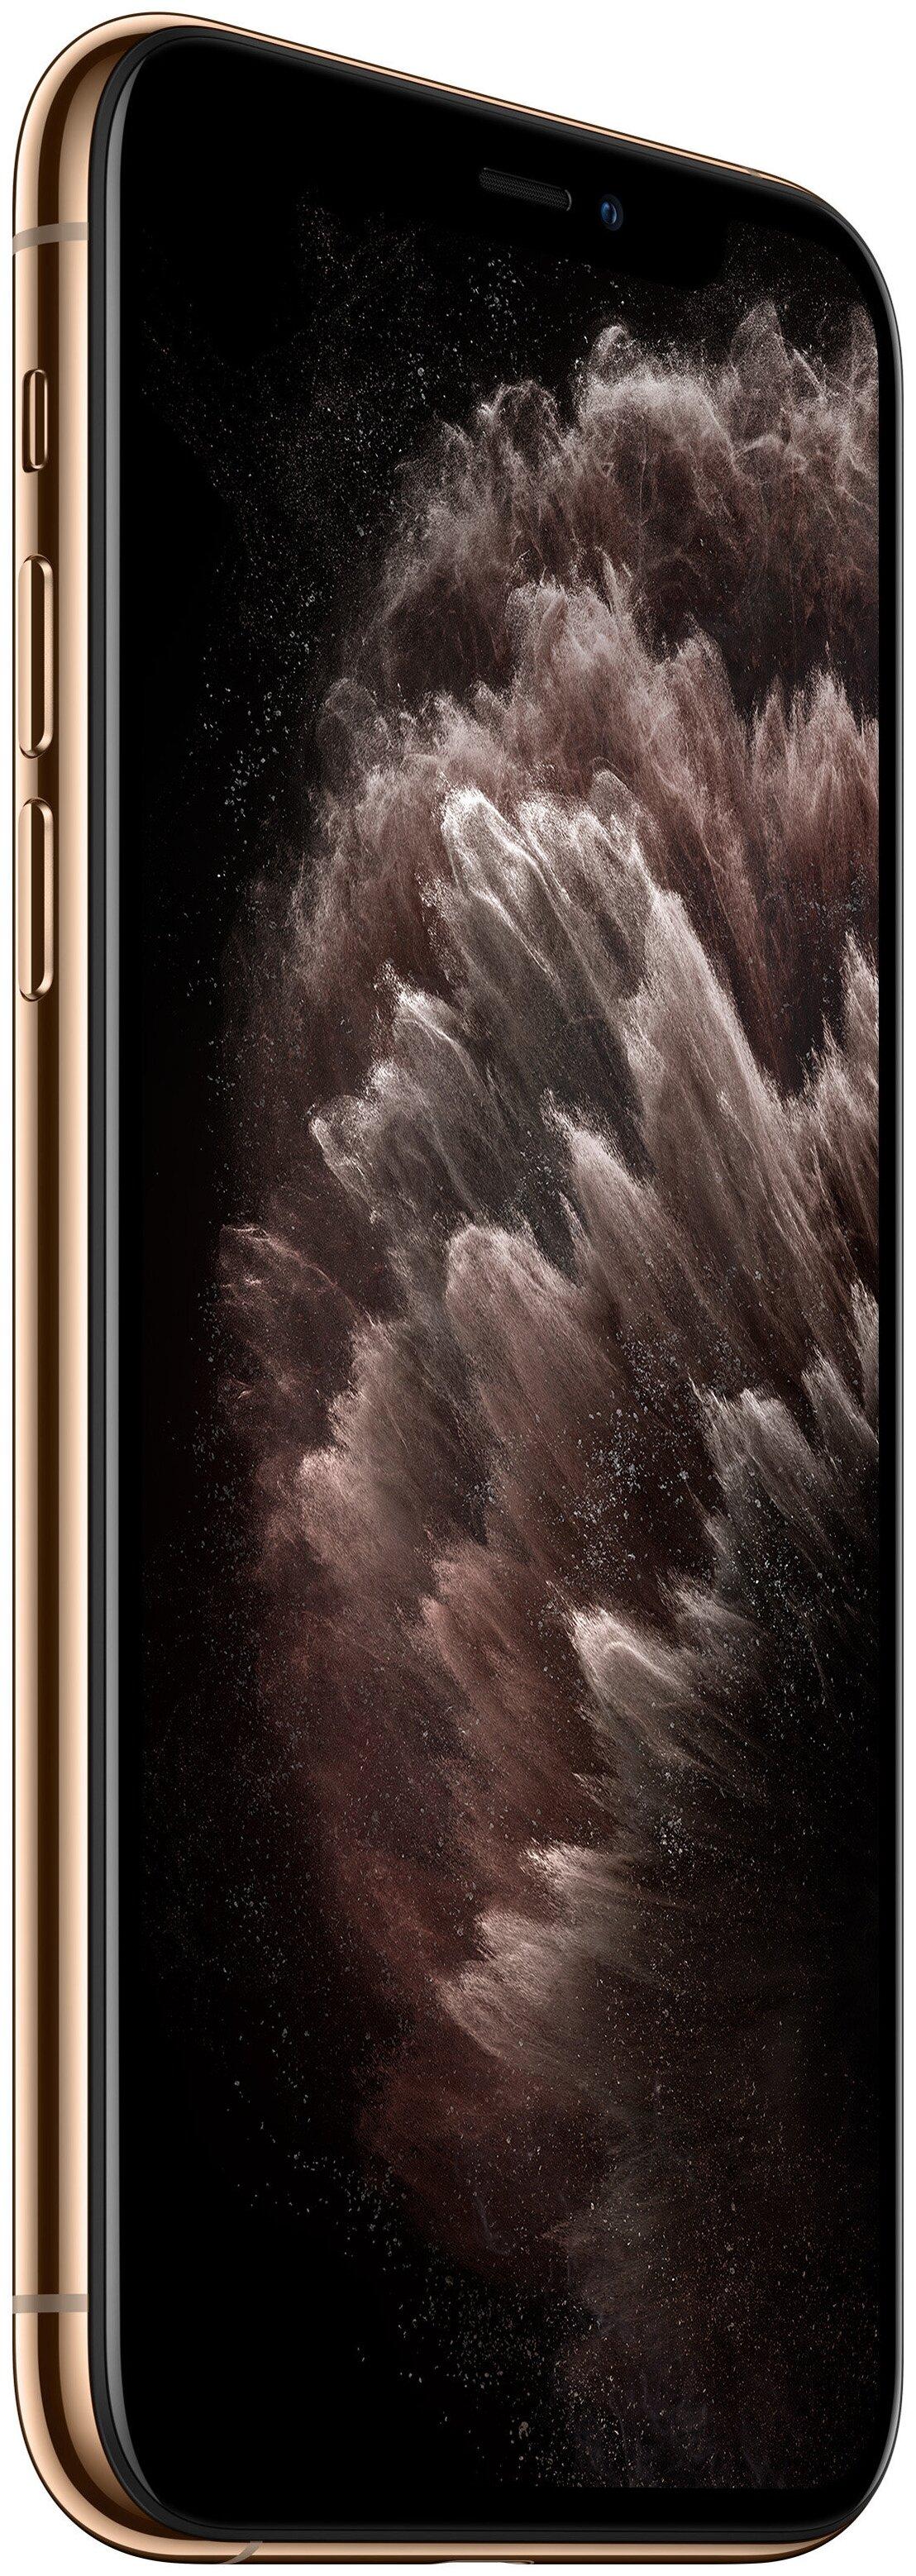 Apple iPhone 11 Pro 512GB - память: 512ГБ